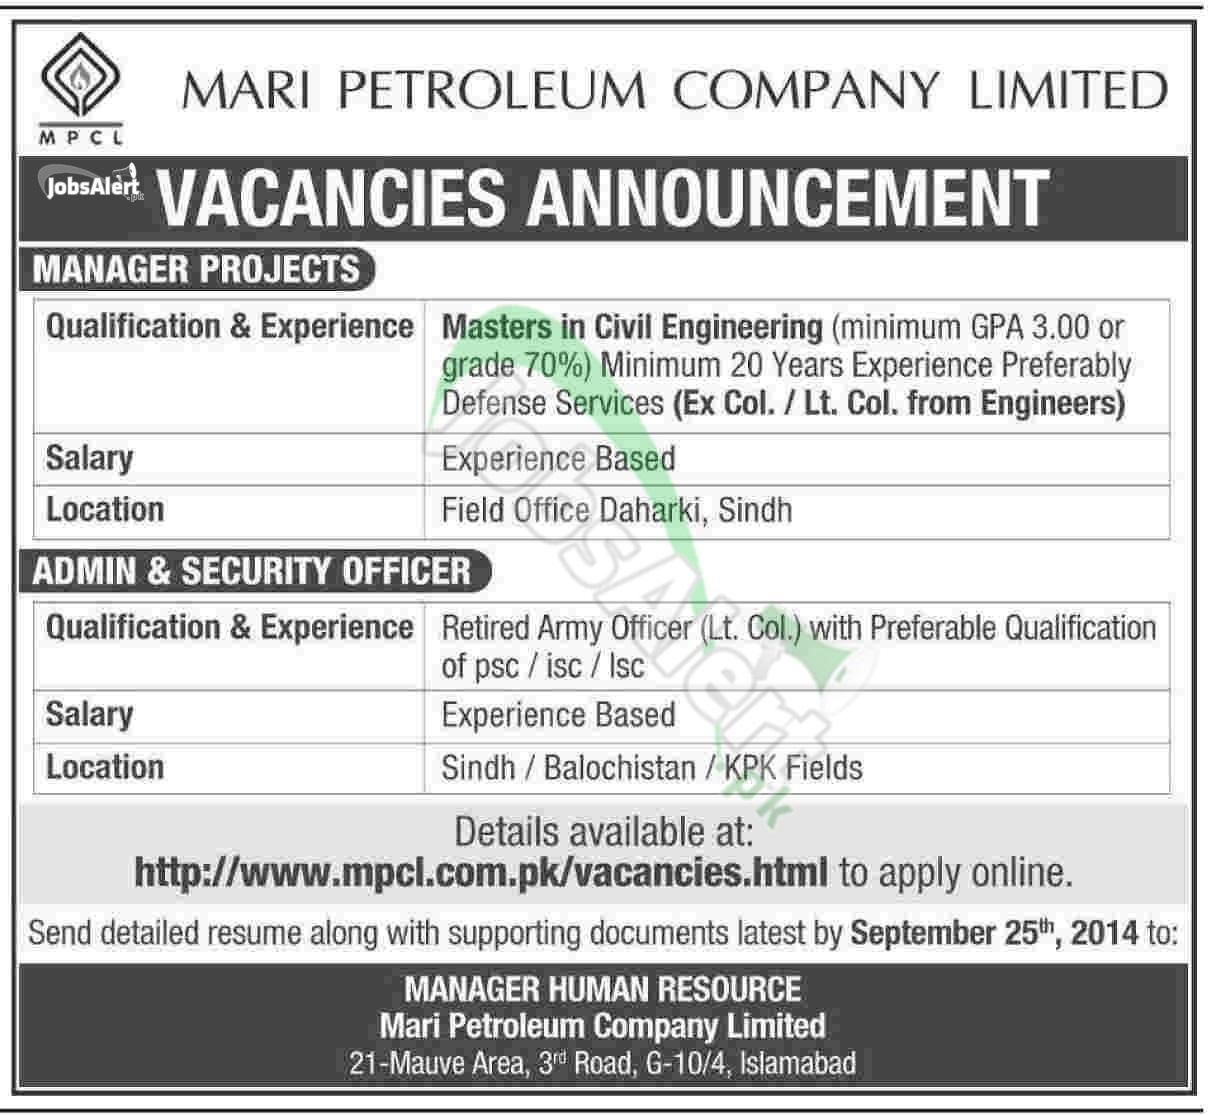 Mari Petroleum Company Ltd (MPCL)